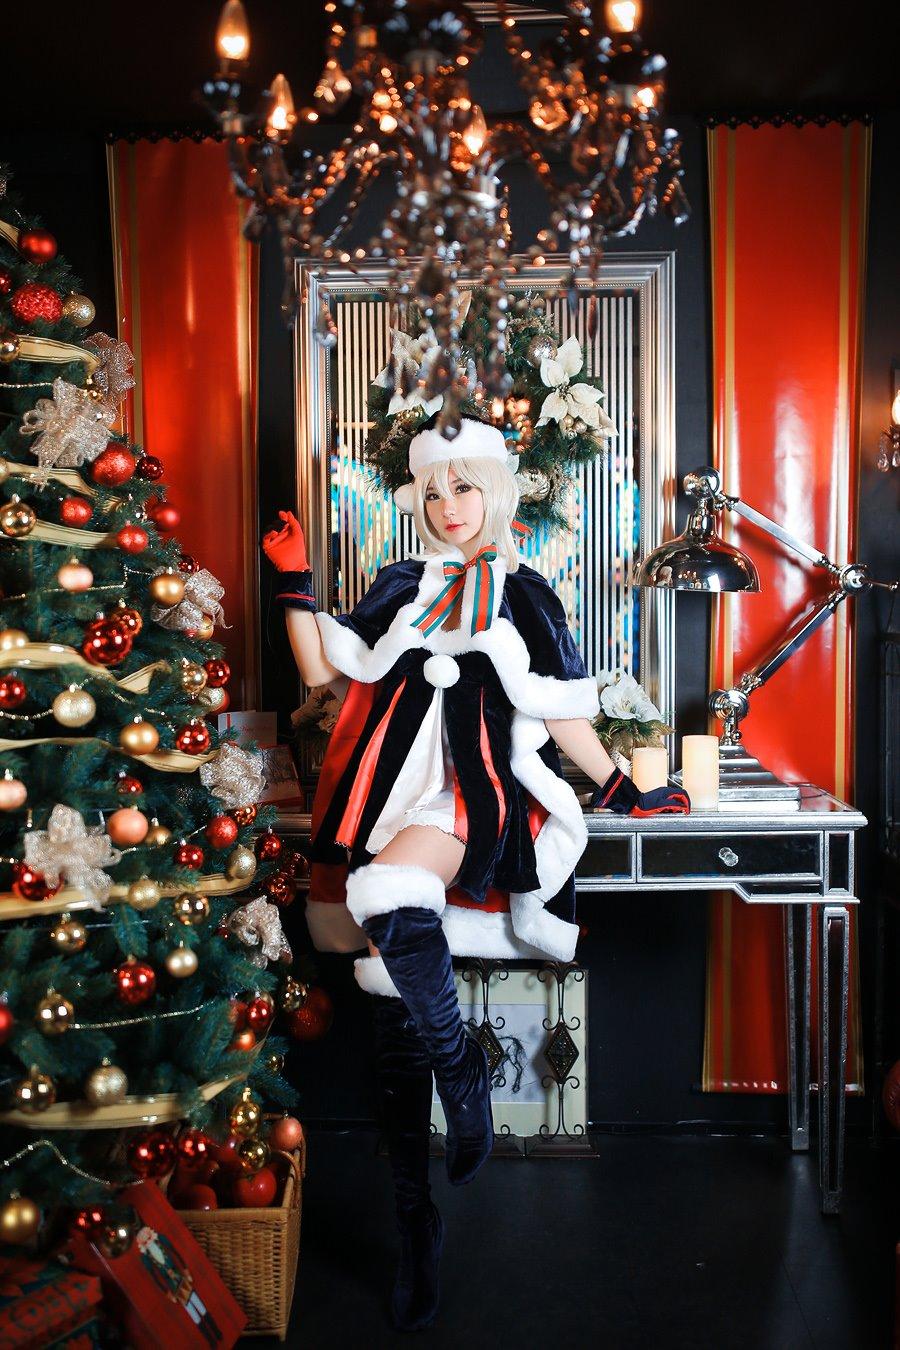 圣诞黑saber,Rider阶黑saber,黑sabercos,COSPLAY